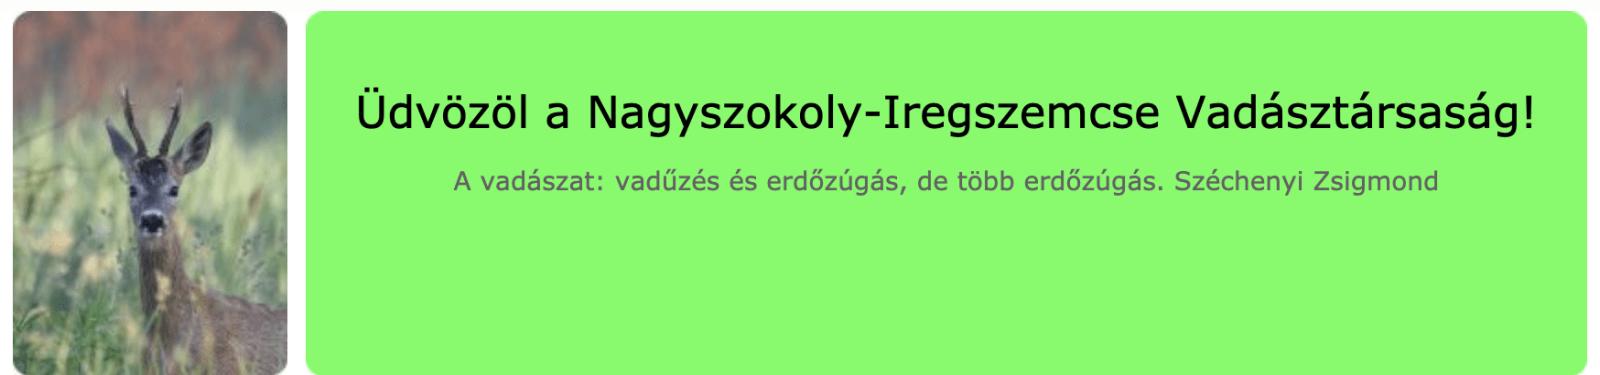 Nagyszokoly-Iregszemcse VT